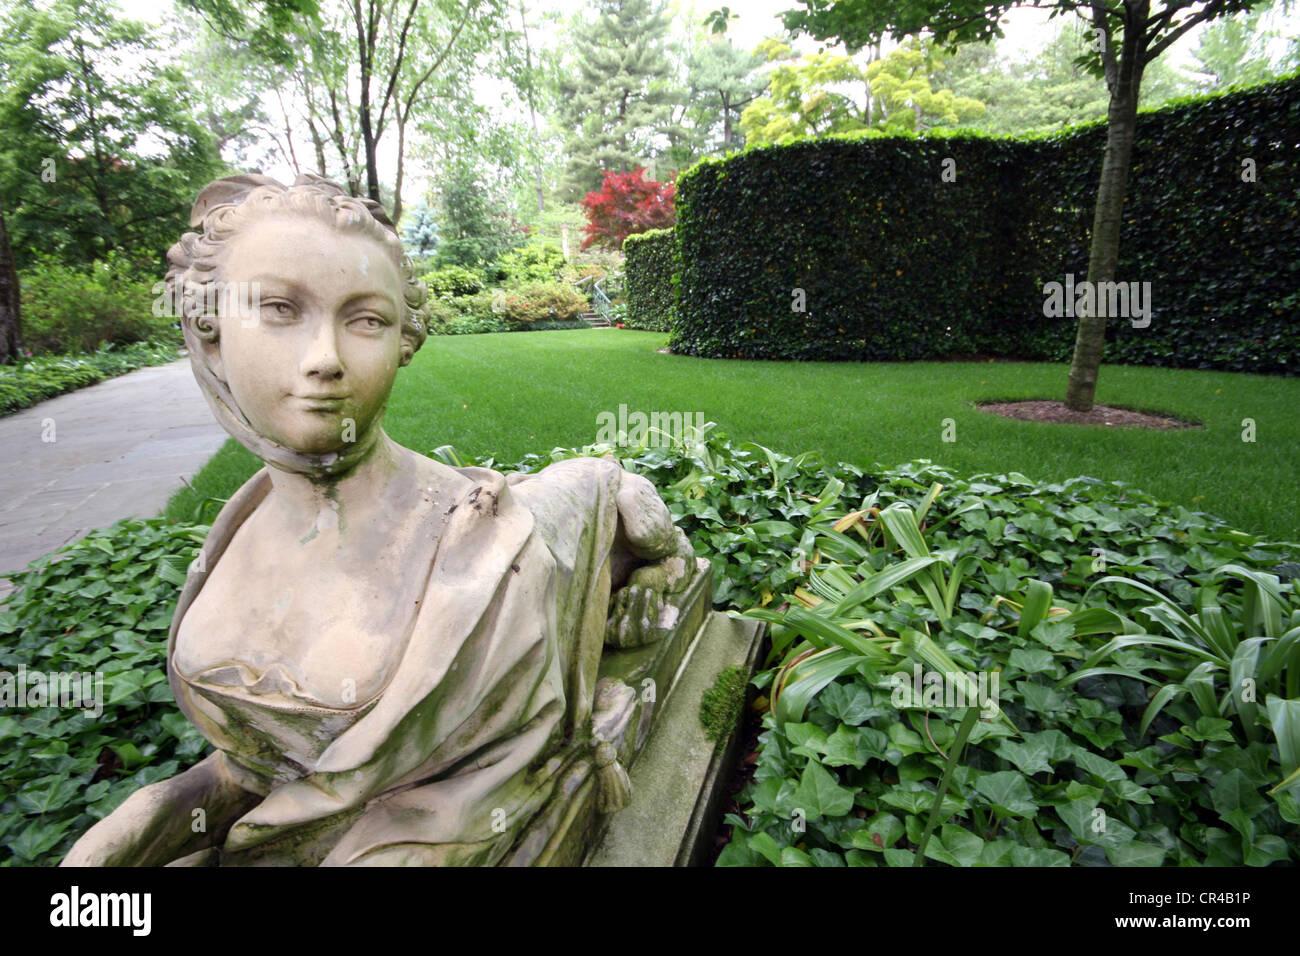 Garden statuary - Stock Image